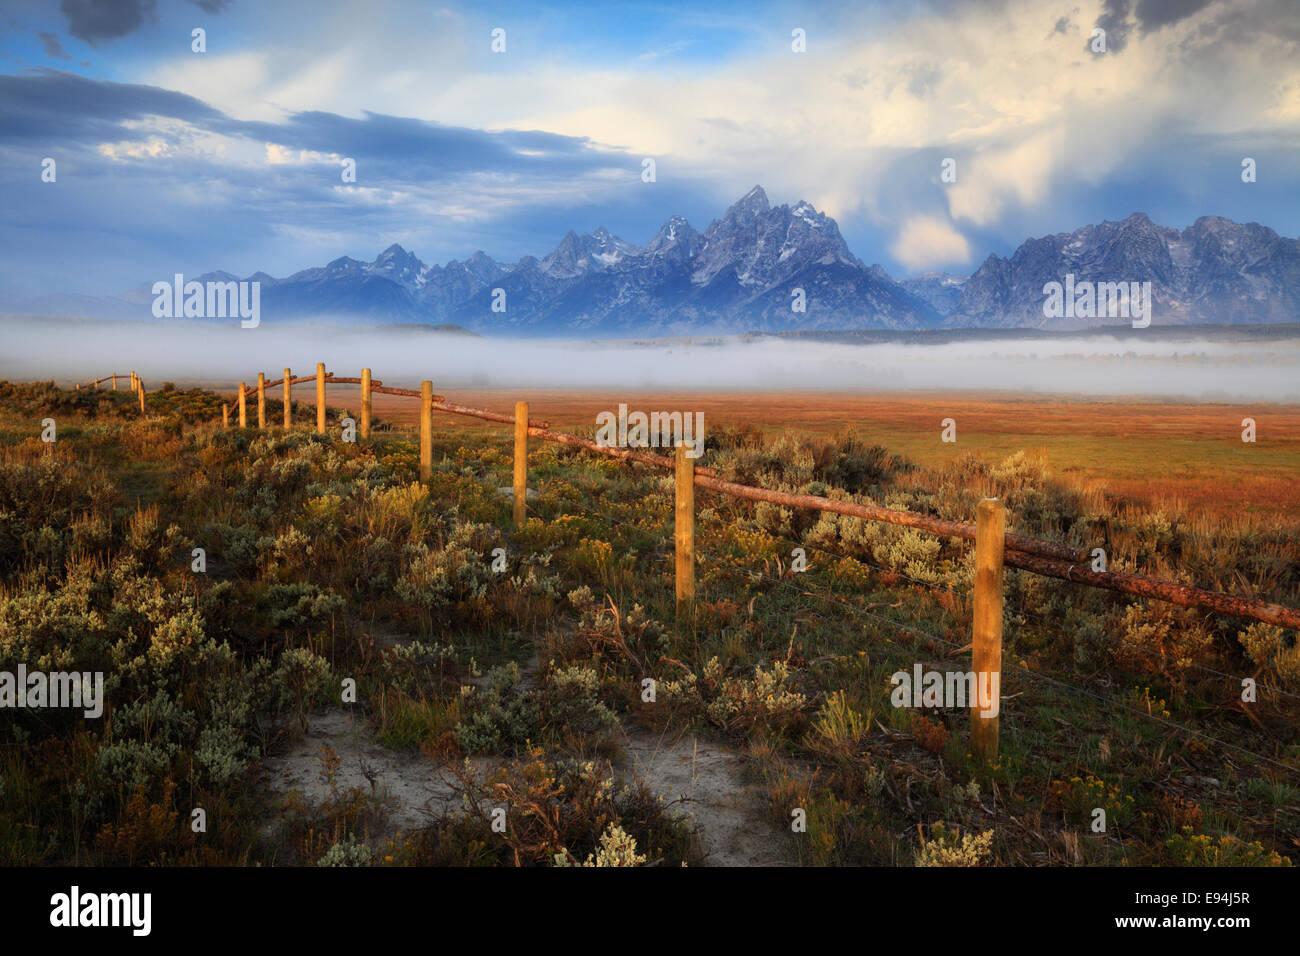 Dramatische Teton Bergkette in der Nähe von Dreieck X Ranch im Grand-Teton-Nationalpark, Wyoming Stockbild